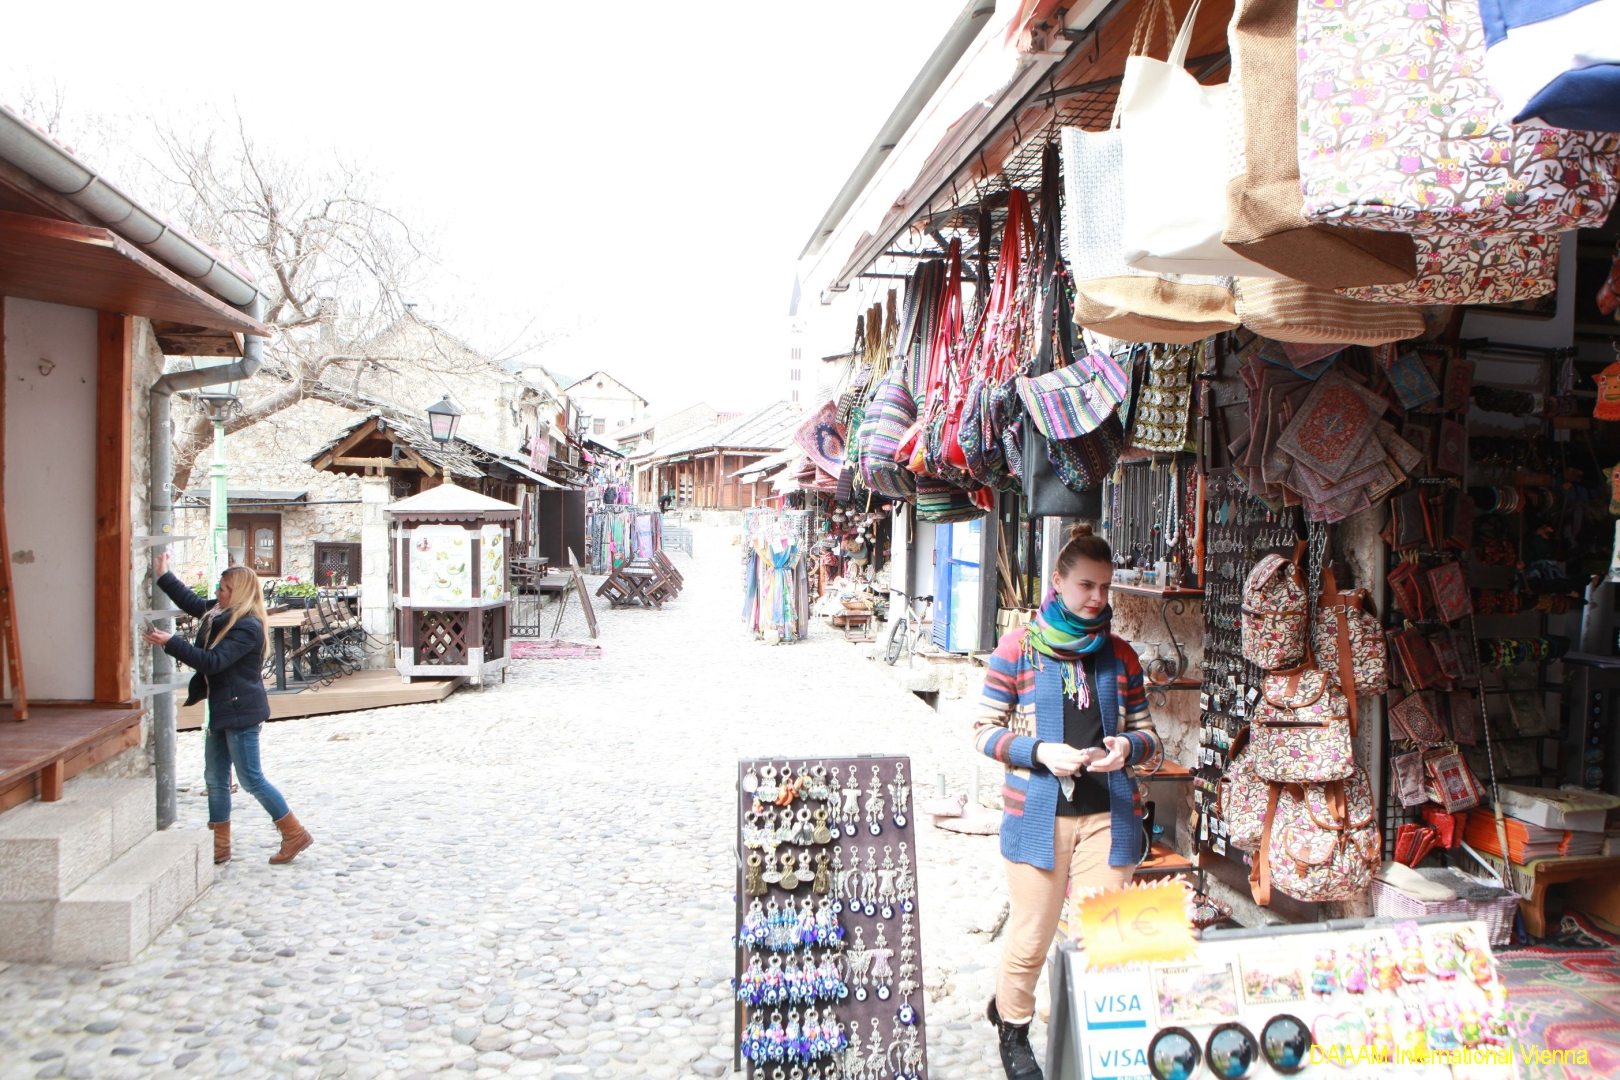 DAAAM_2016_Mostar_01_Magic_City_of_Mostar_051